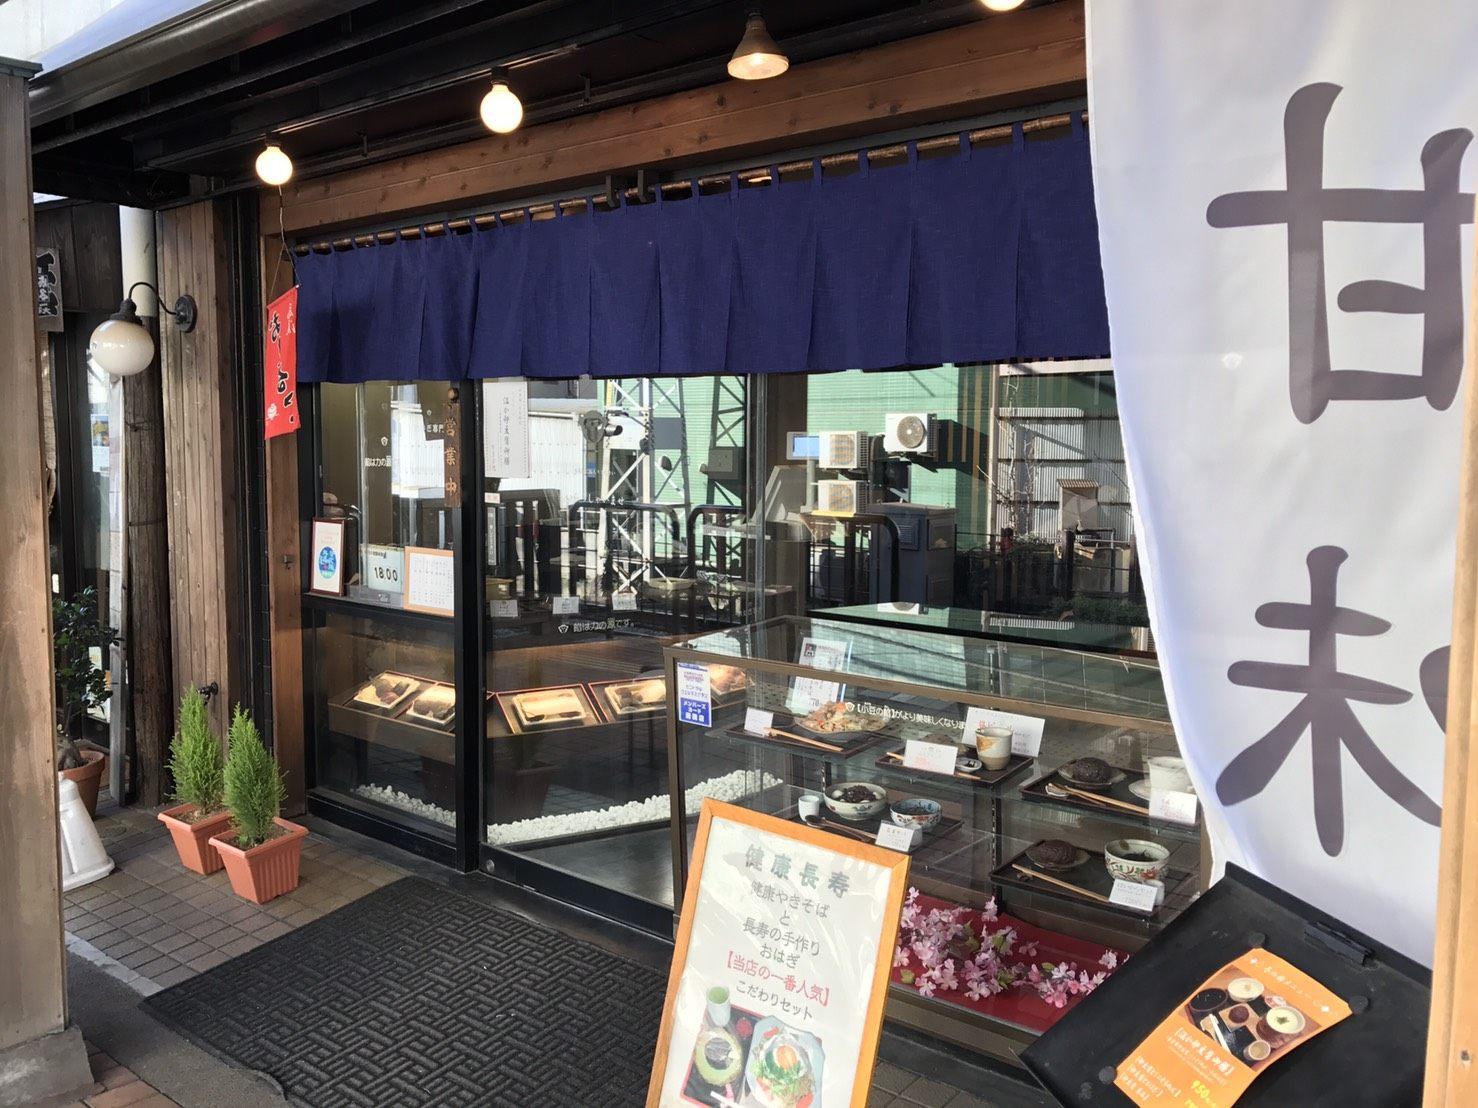 甜点兼日式快餐店「甘味处 いっぷく亭」